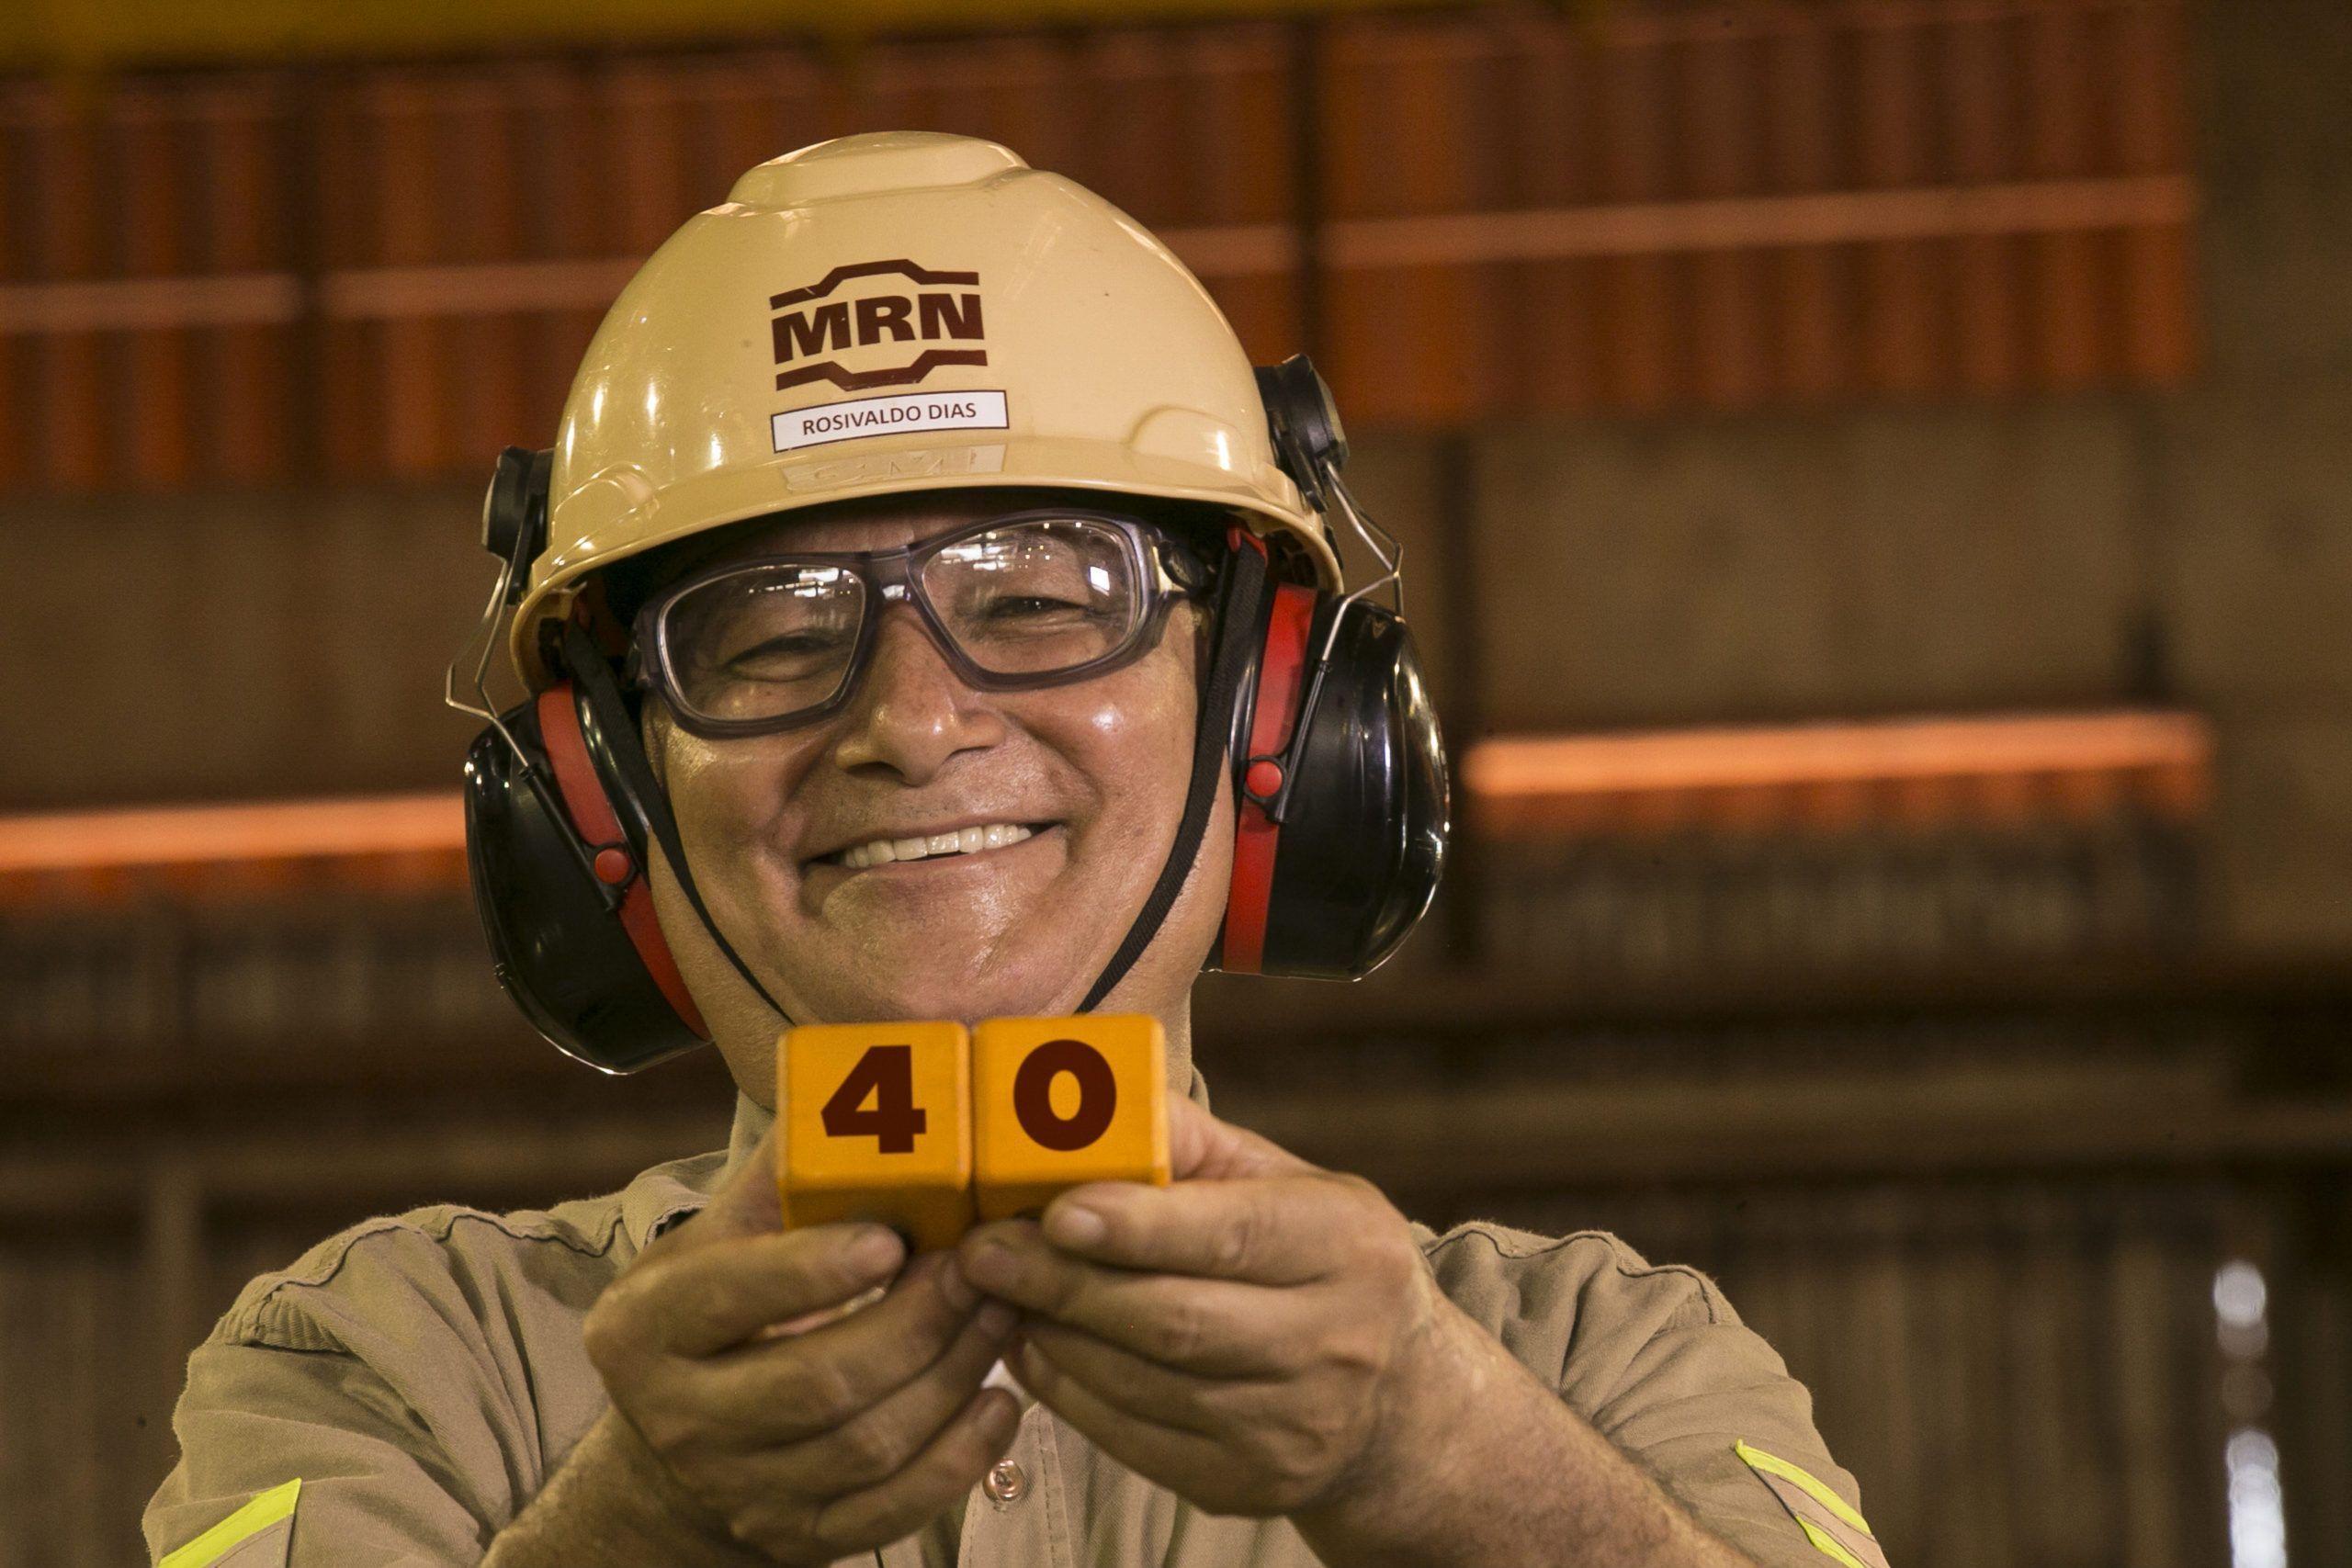 Vagas de emprego para técnicos e engenheiros na maior produtora brasileira de bauxita, a MRN